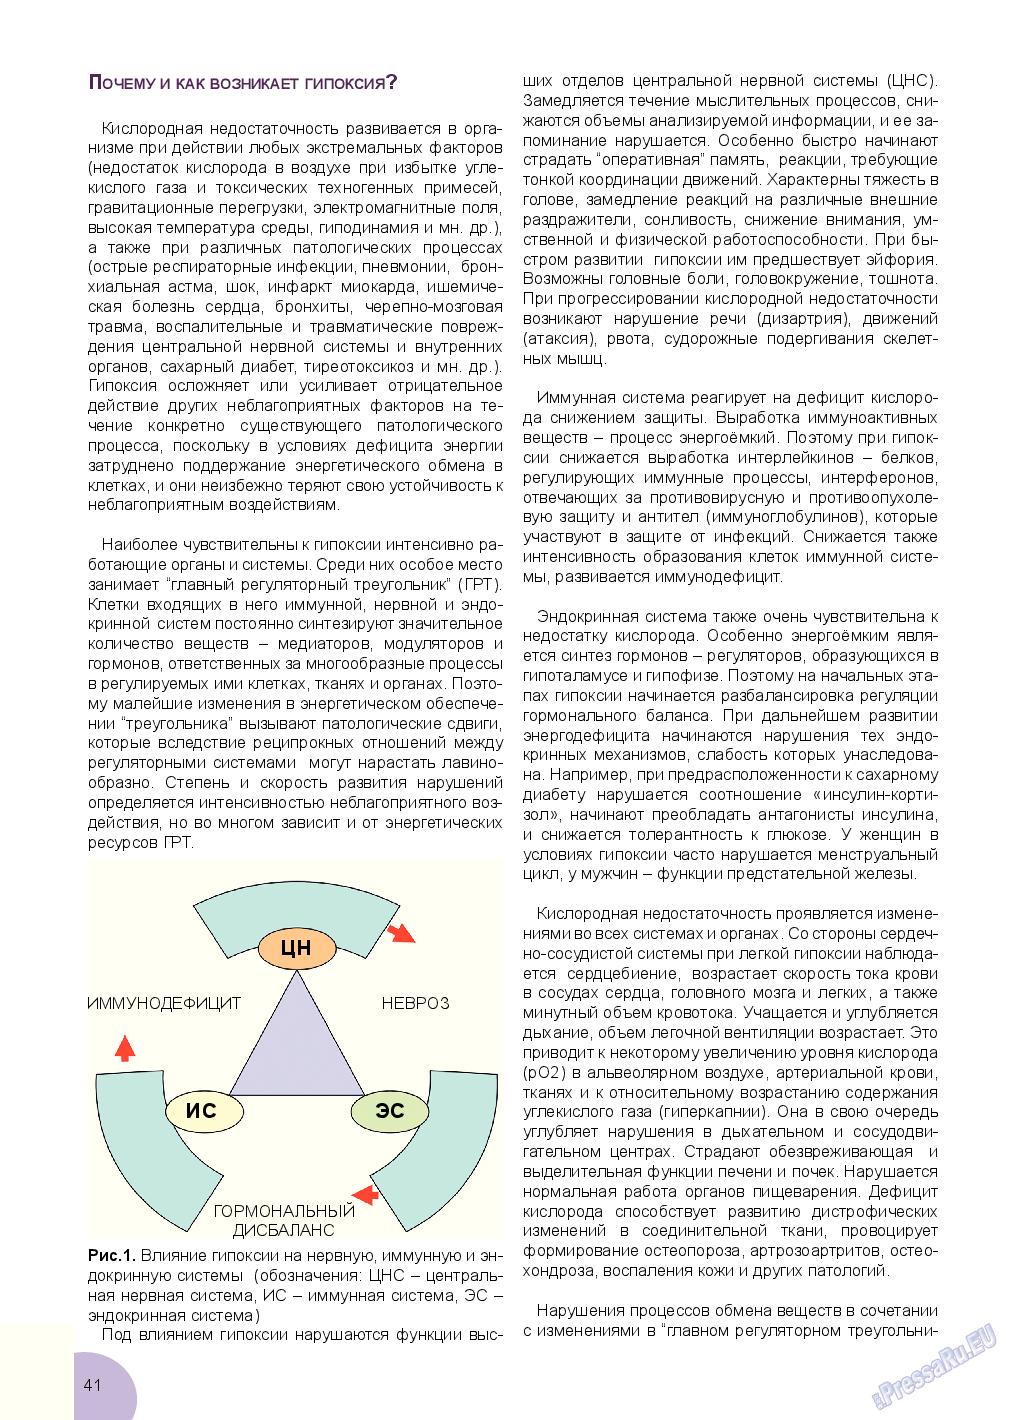 Будь здоров (журнал). 2017 год, номер 3, стр. 41